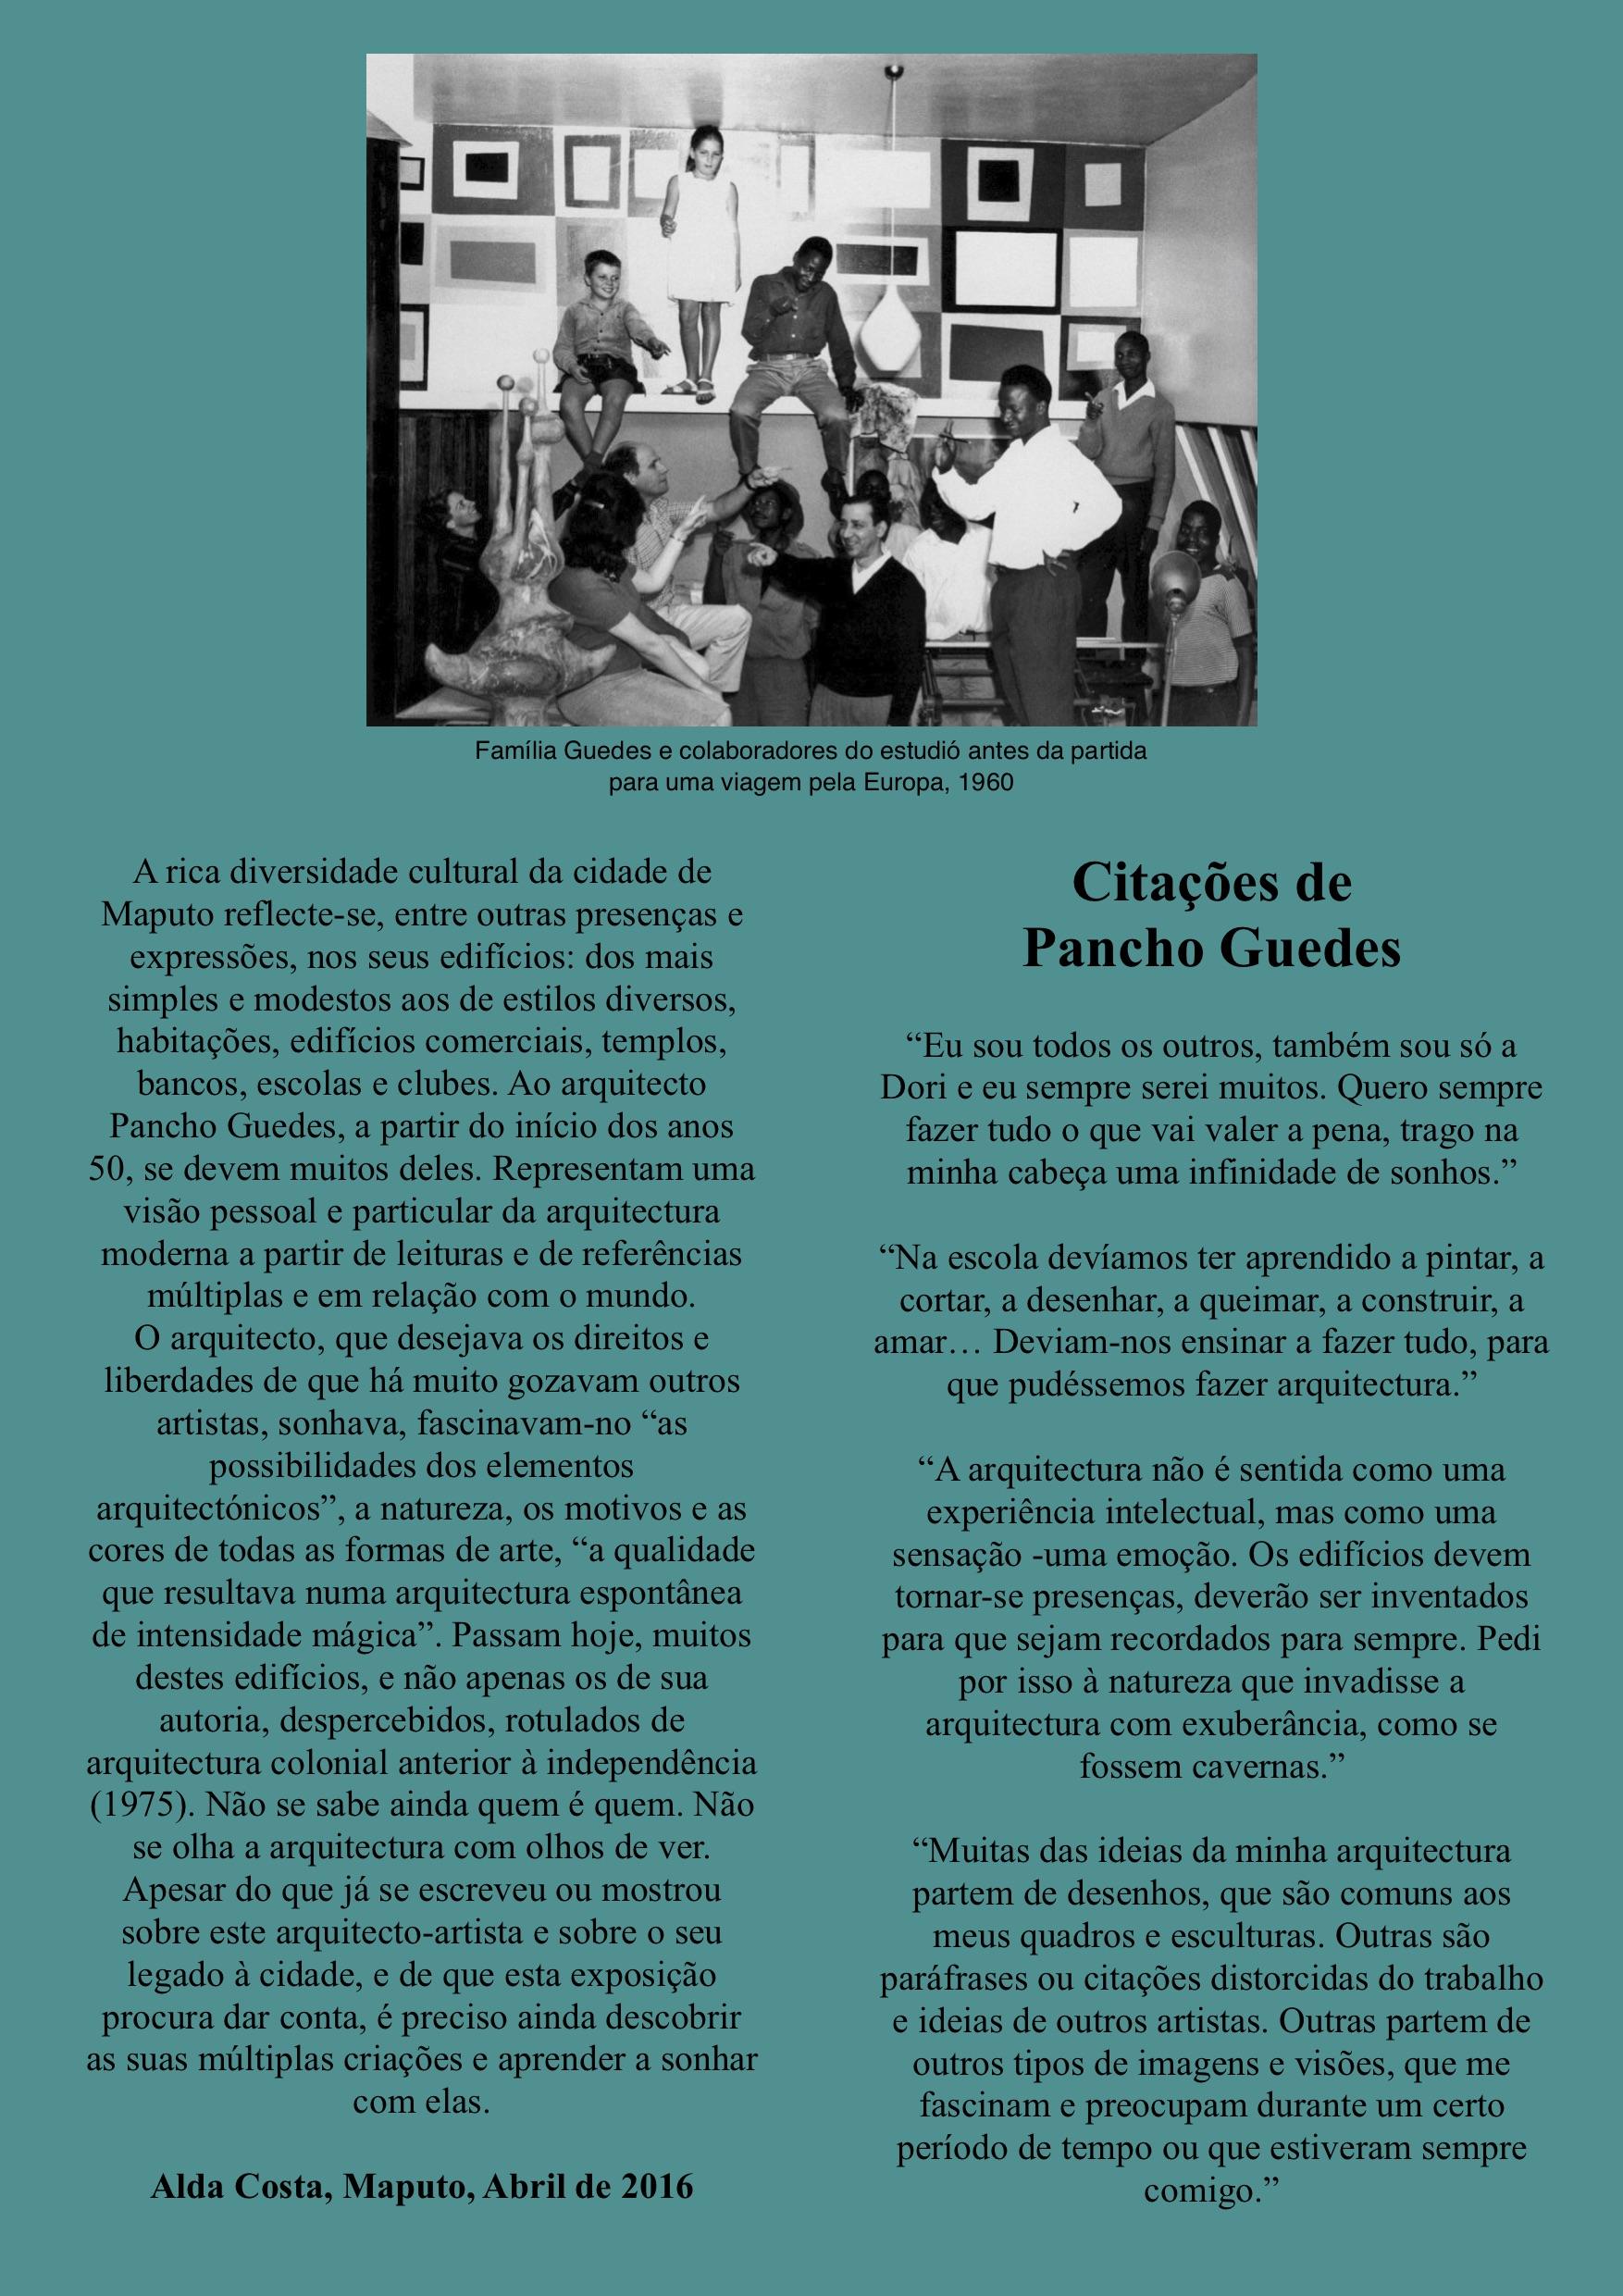 NewPanelAldaCosta&CitationsPG